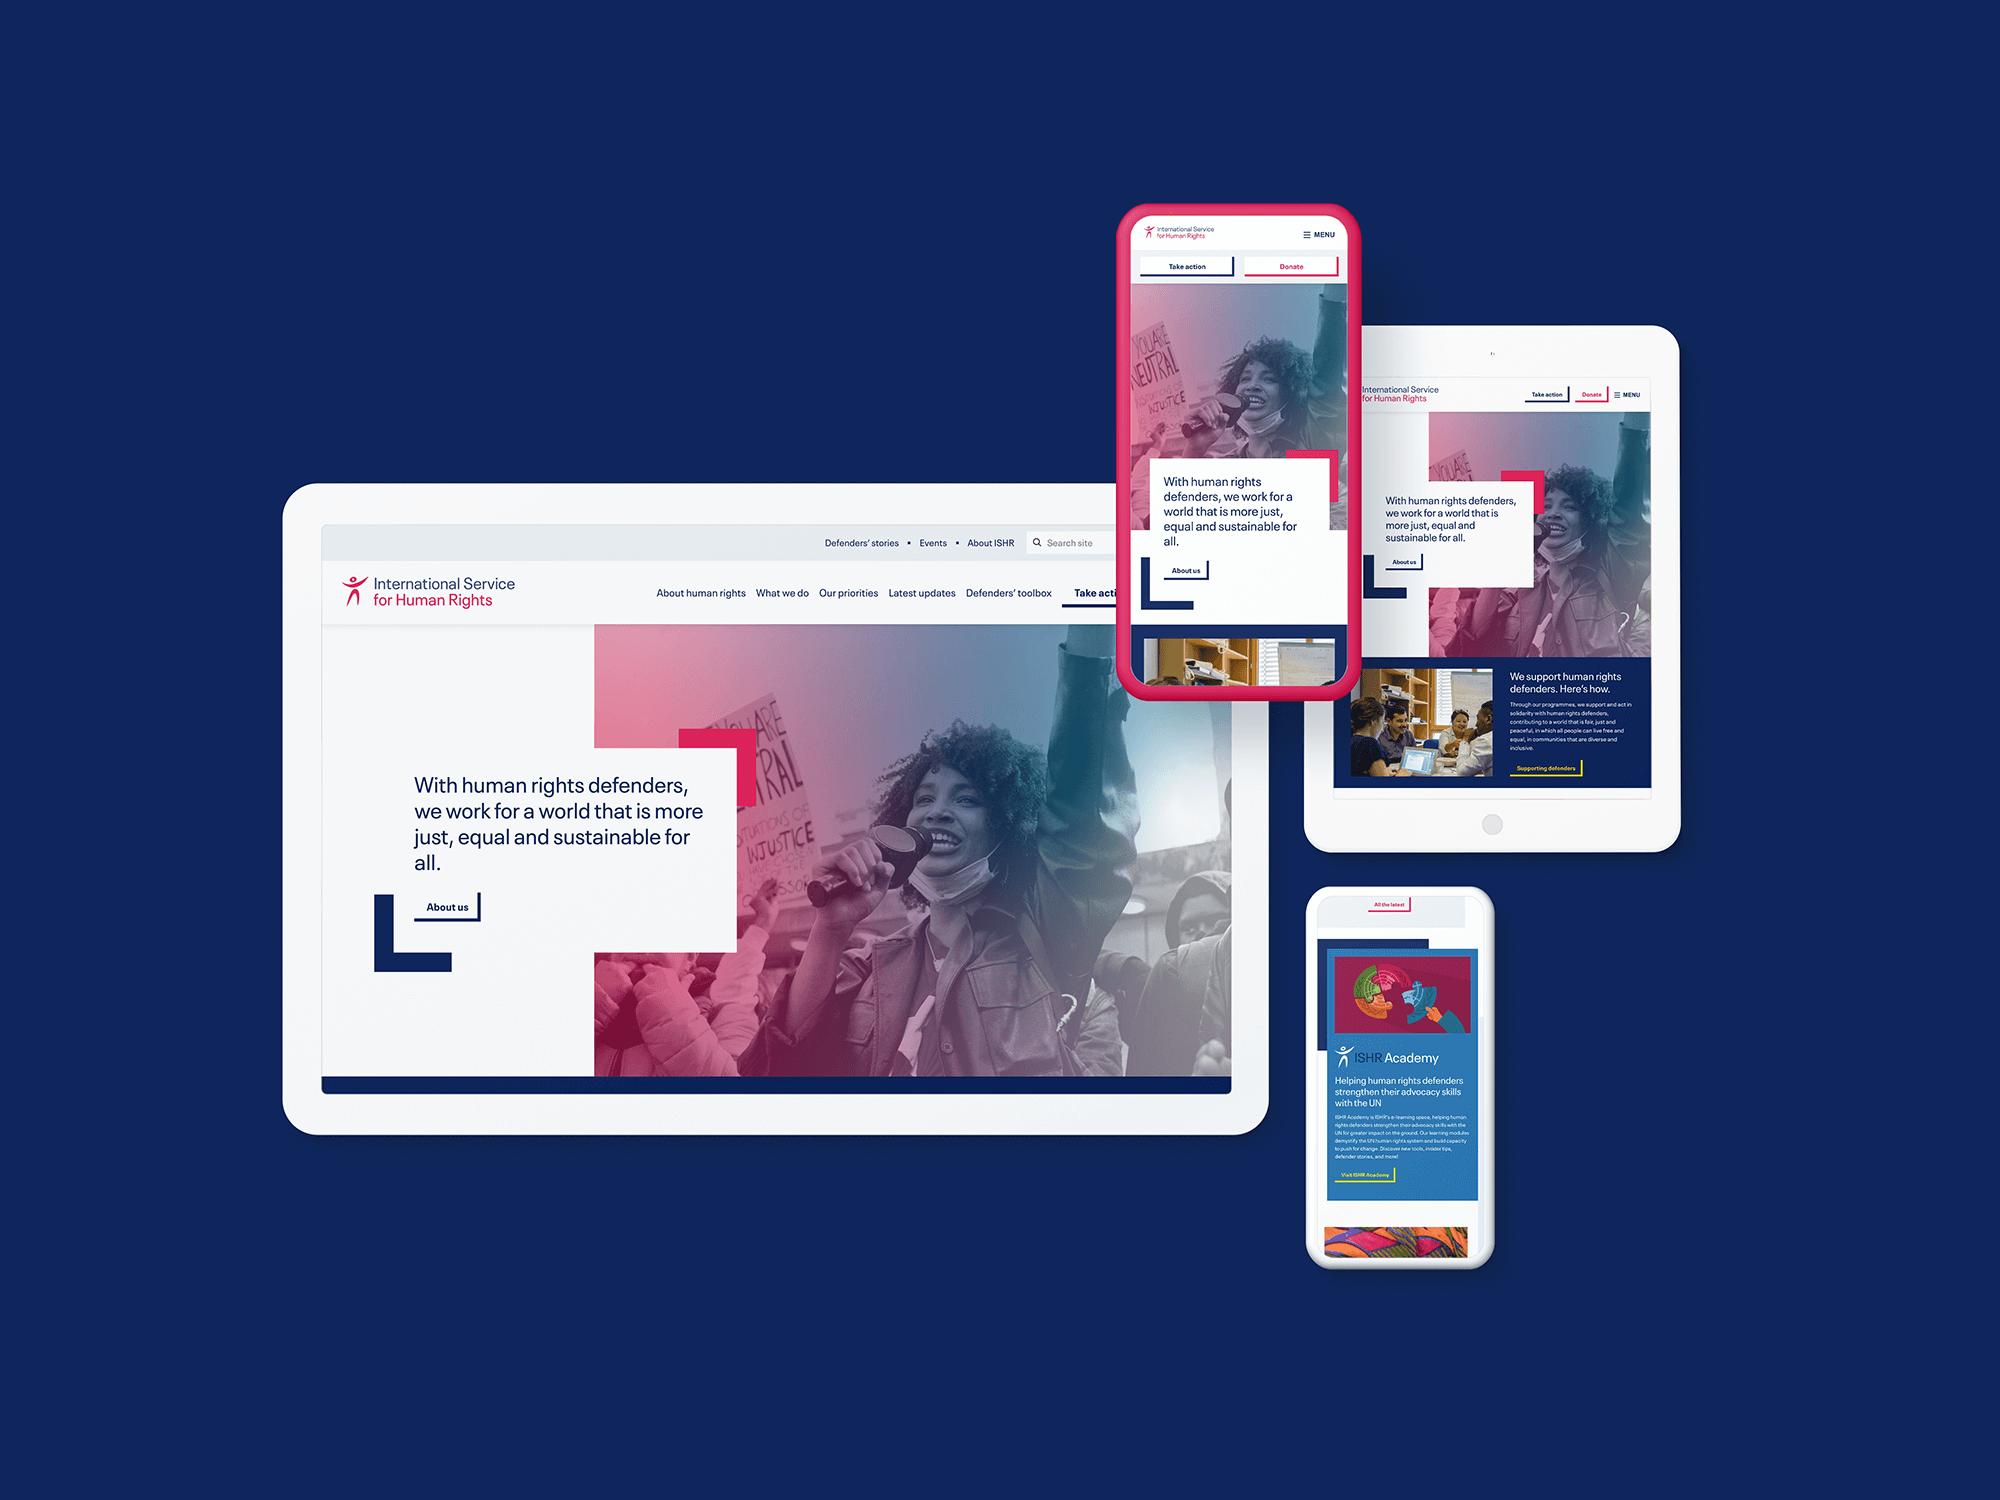 ISHR website displayed on multiple screens